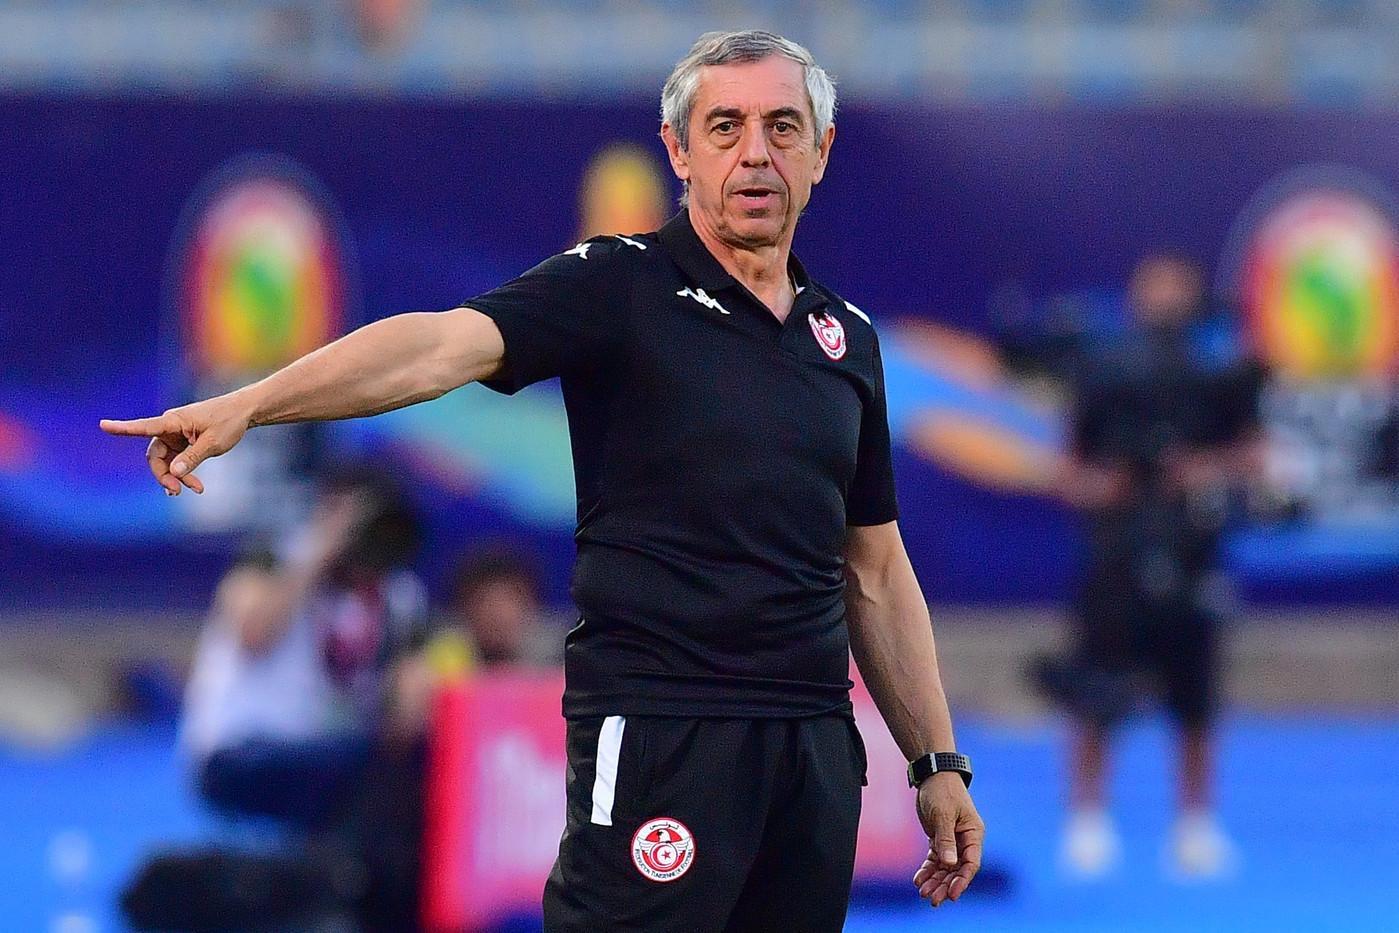 الإتحاد التونسي يفسخ عقد مدرب نسور قرطاج الفرنسي ألان جيريس